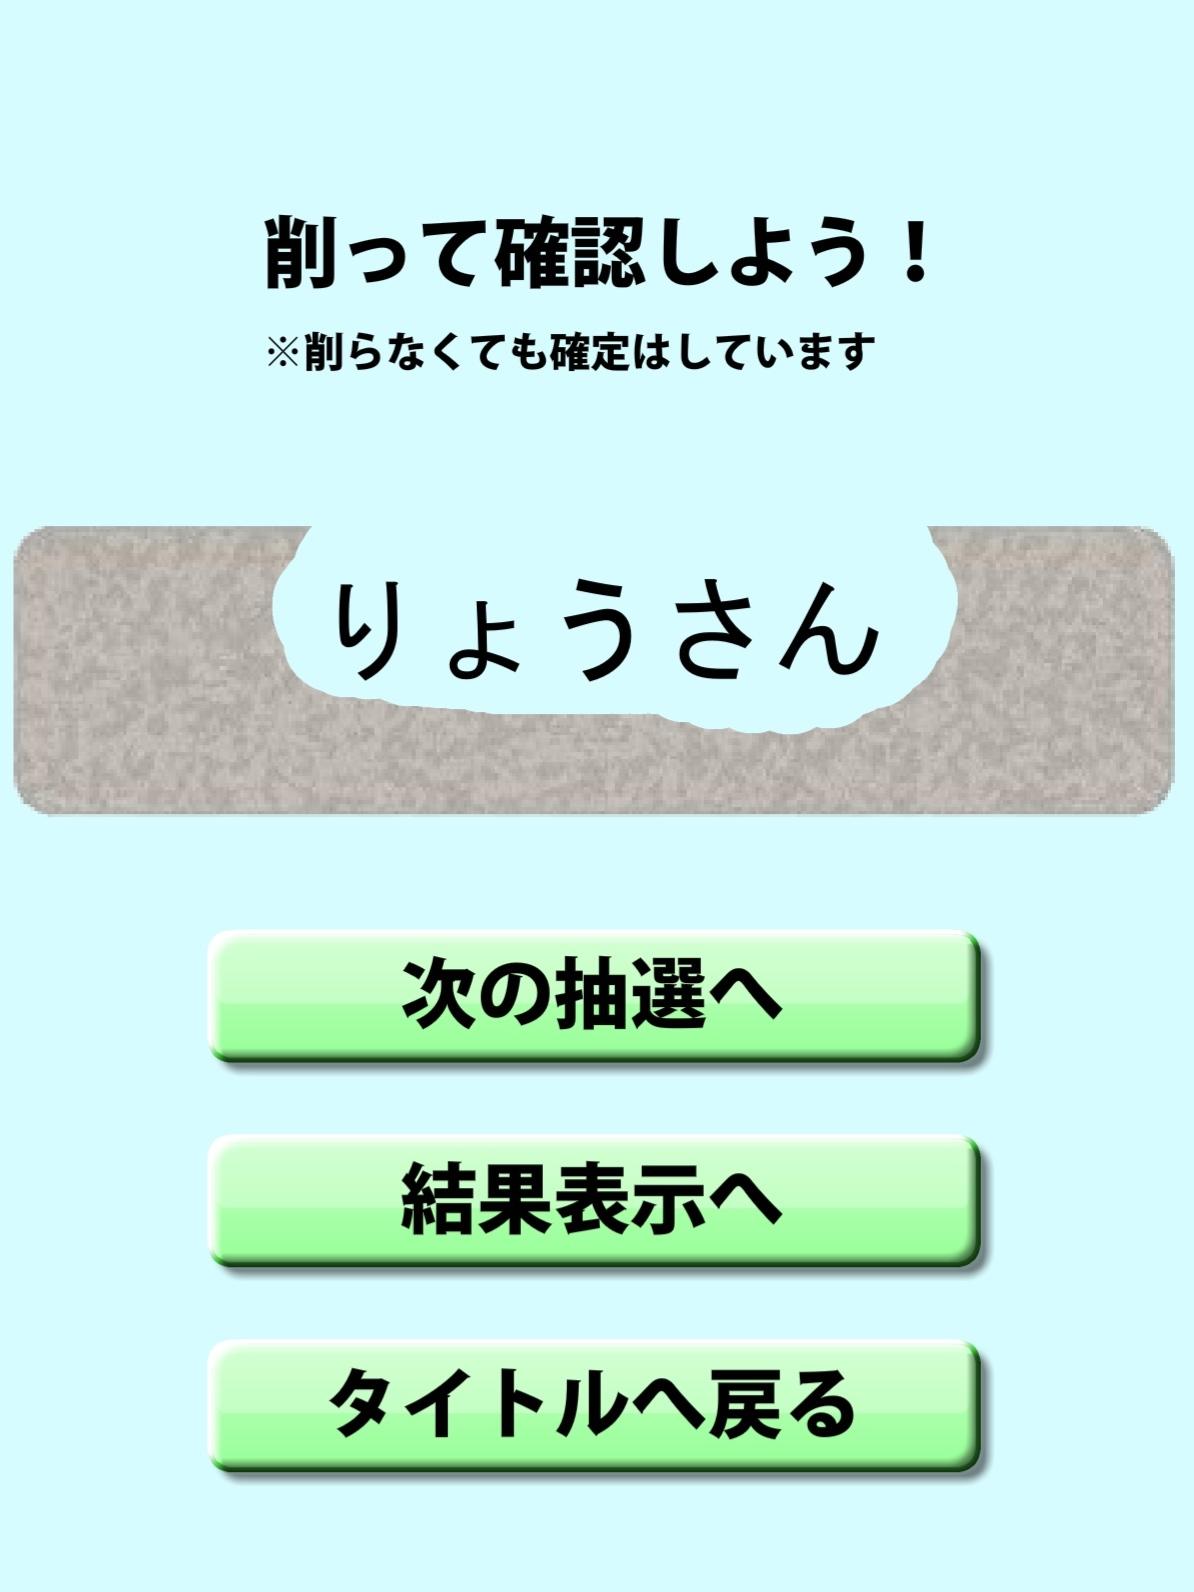 20170413210711ee6.jpg